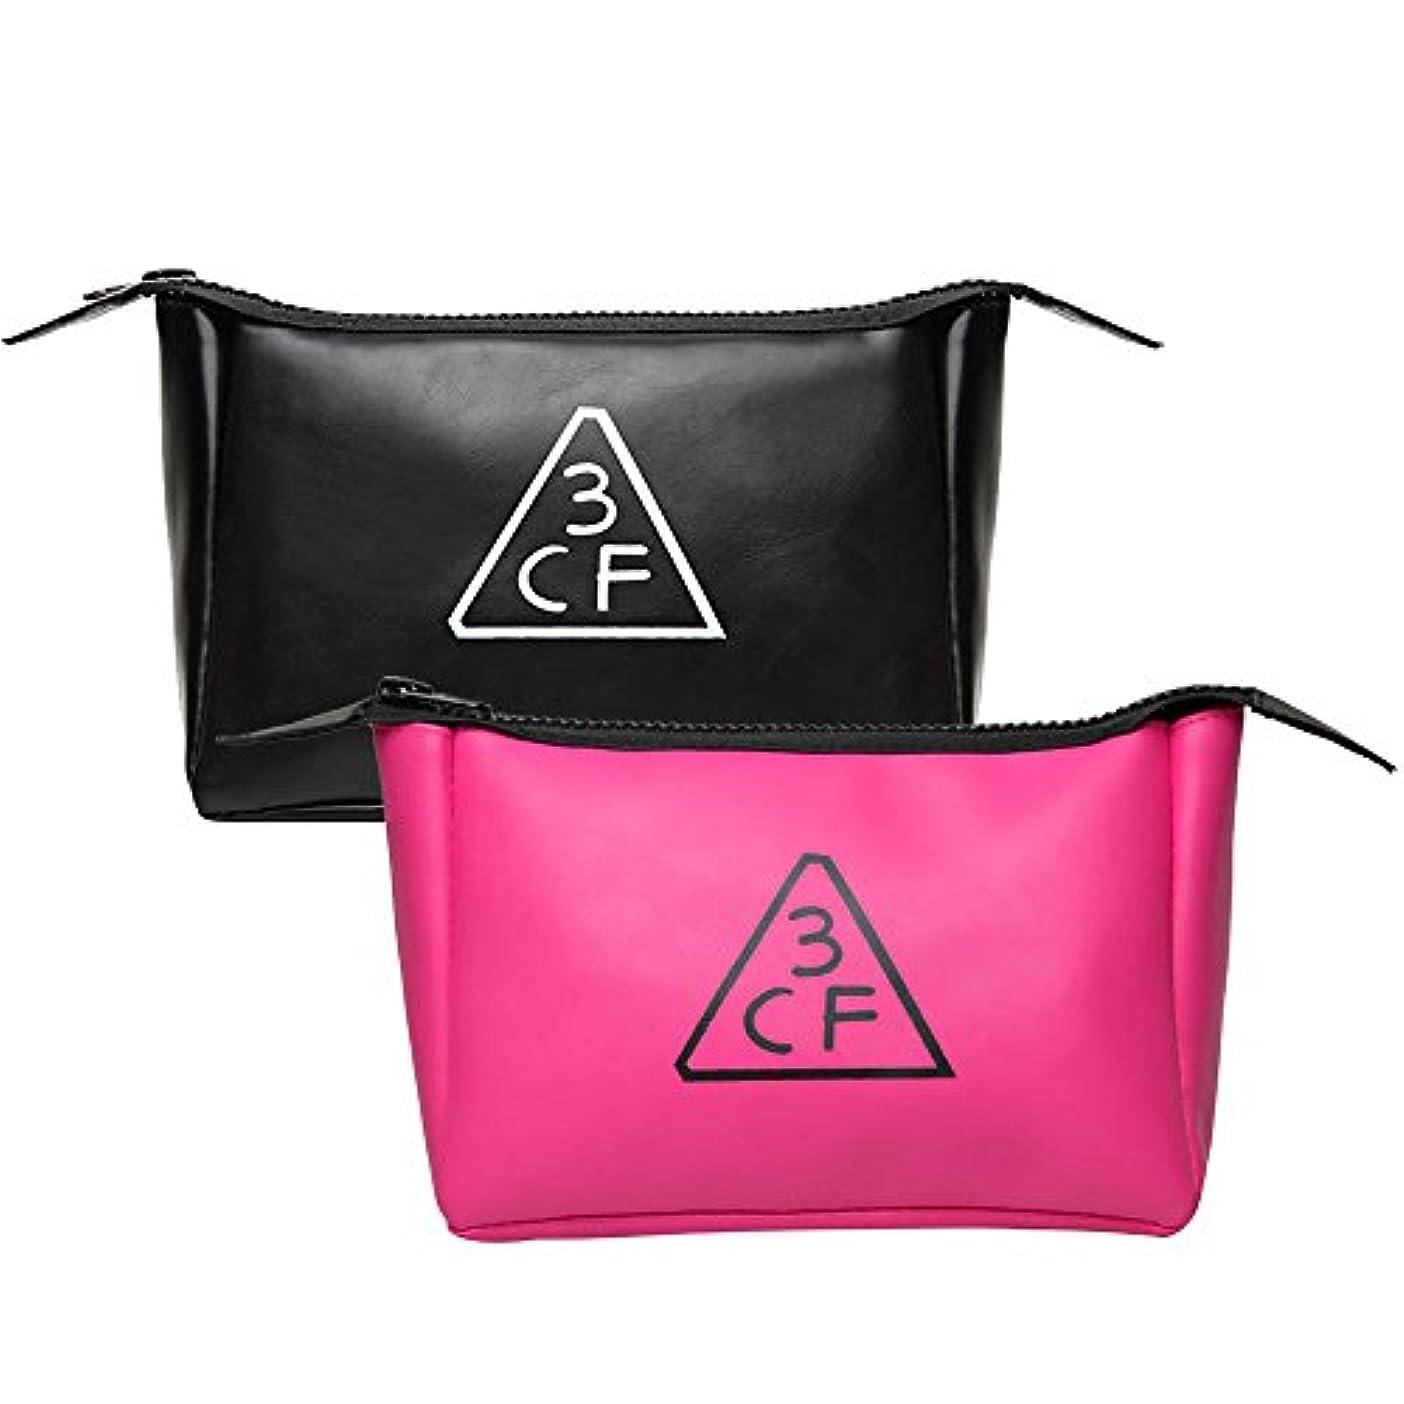 韓国コスメ 化粧ポーチ レディース PINK Style 人気 コスメポーチ スタイルナンダ ポーチ 大容量 かわいい ピンク 小さい ブランド 黒